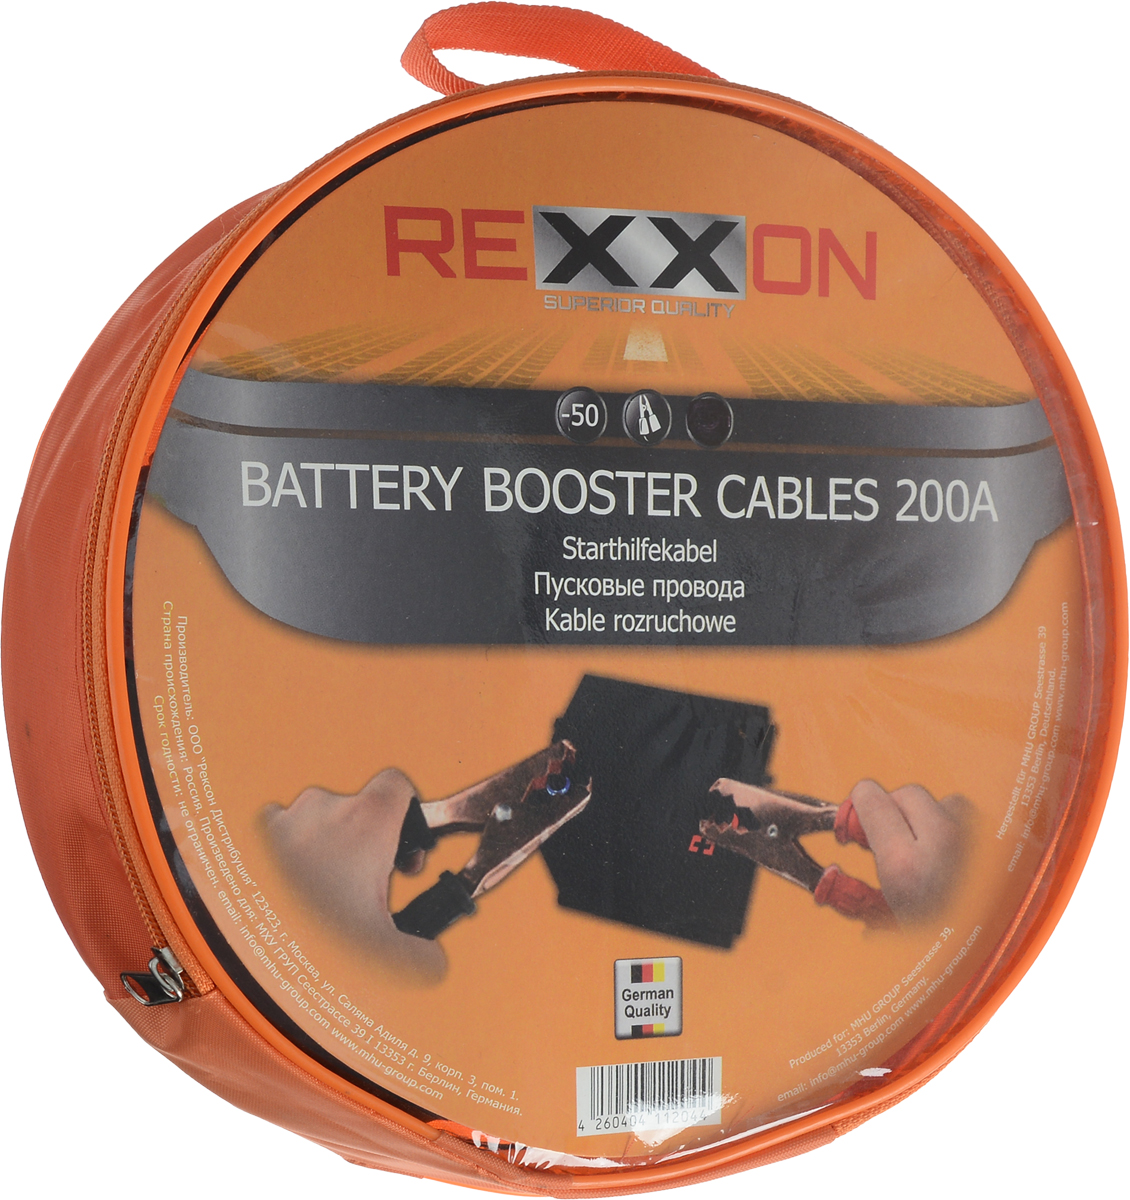 Провода вспомогательного запуска Rexxon Стандарт, 200 А, 1,8 мR0003911Провода вспомогательного запуска Rexxon Стандарт необходимы в экстренных ситуациях, когда АКБ транспортного средства находится в разряженном состоянии, зарядно-пусковое устройство недоступно и запускать двигатель за счет буксировки нельзя. Провода изготовлены по ГОСТУ 37.001.052-2000. Медный провод в резиновой изоляции. Морозостойкий и эластичный. Минимальная температура эксплуатации -50°С. Изолированные ручки зажимов. Провода вспомогательного запуска применяются для запуска двигателей легковых и грузовых автомобилей. Подсоединяются к одноименным клеммам аккумулятора. Длина: 1,8 м. Сила тока: 200 А.